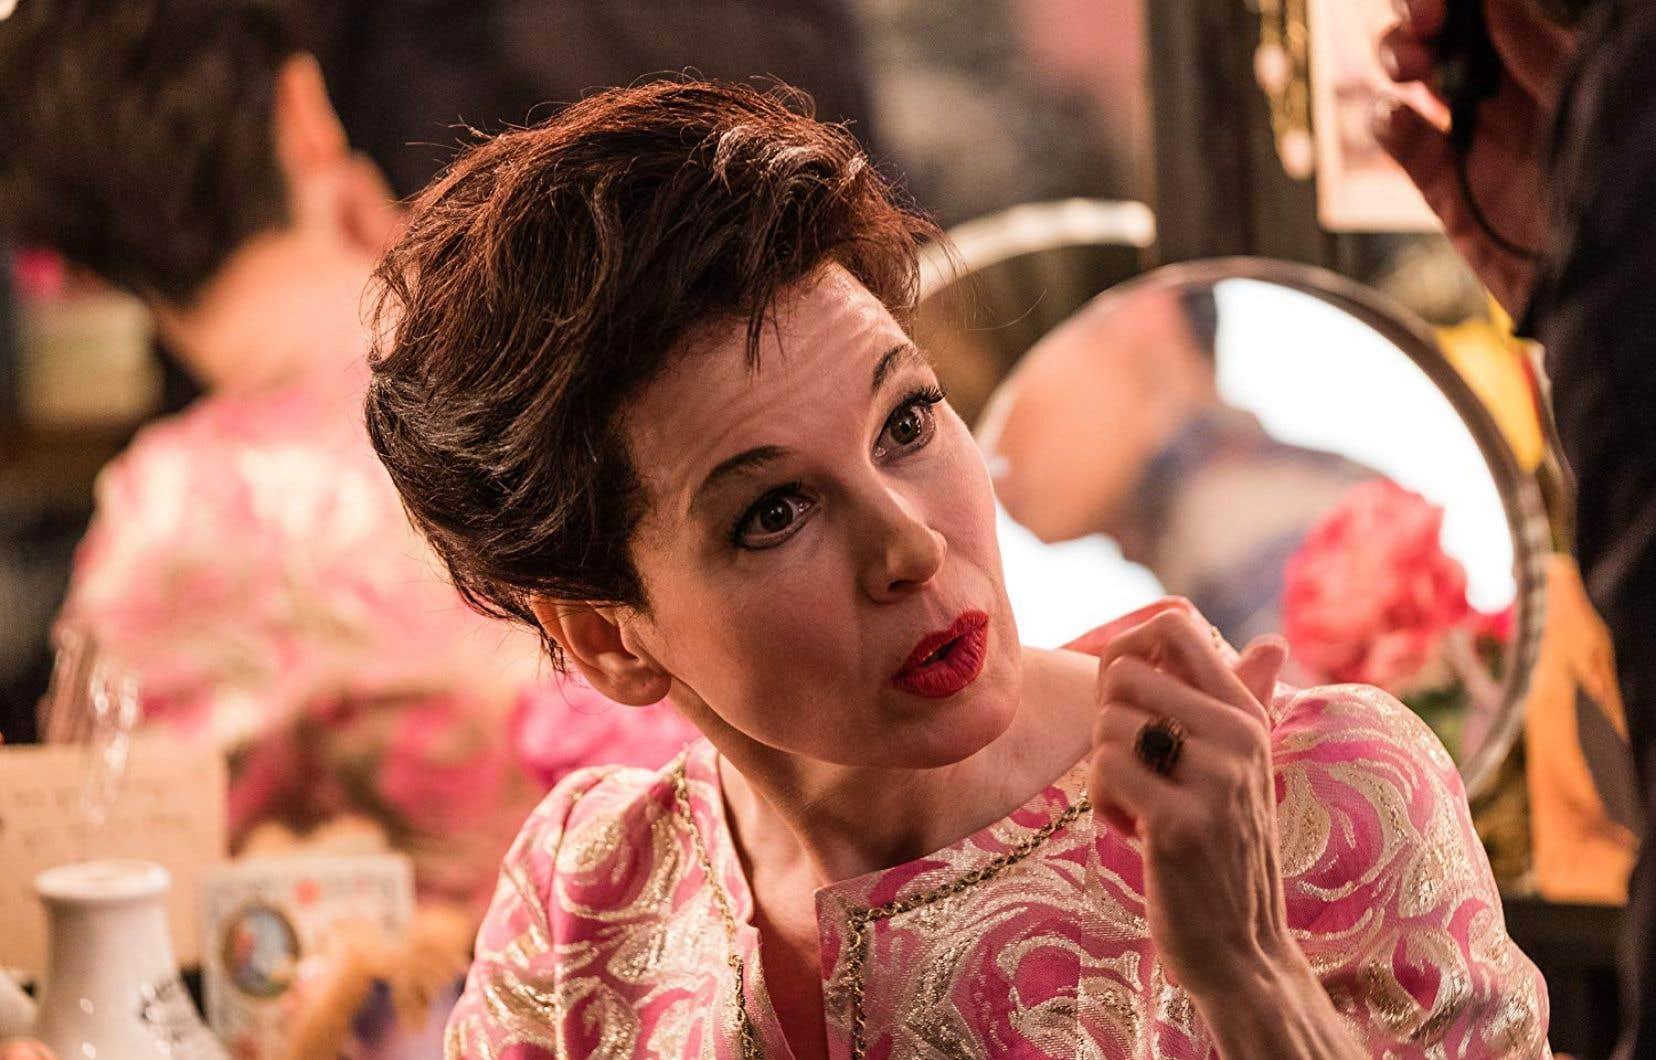 Les blessures psychiques et physiques du personnage, Renée Zellweger les porte dans son regard, dans sa posture, dans sa voix. Et quelle voix!